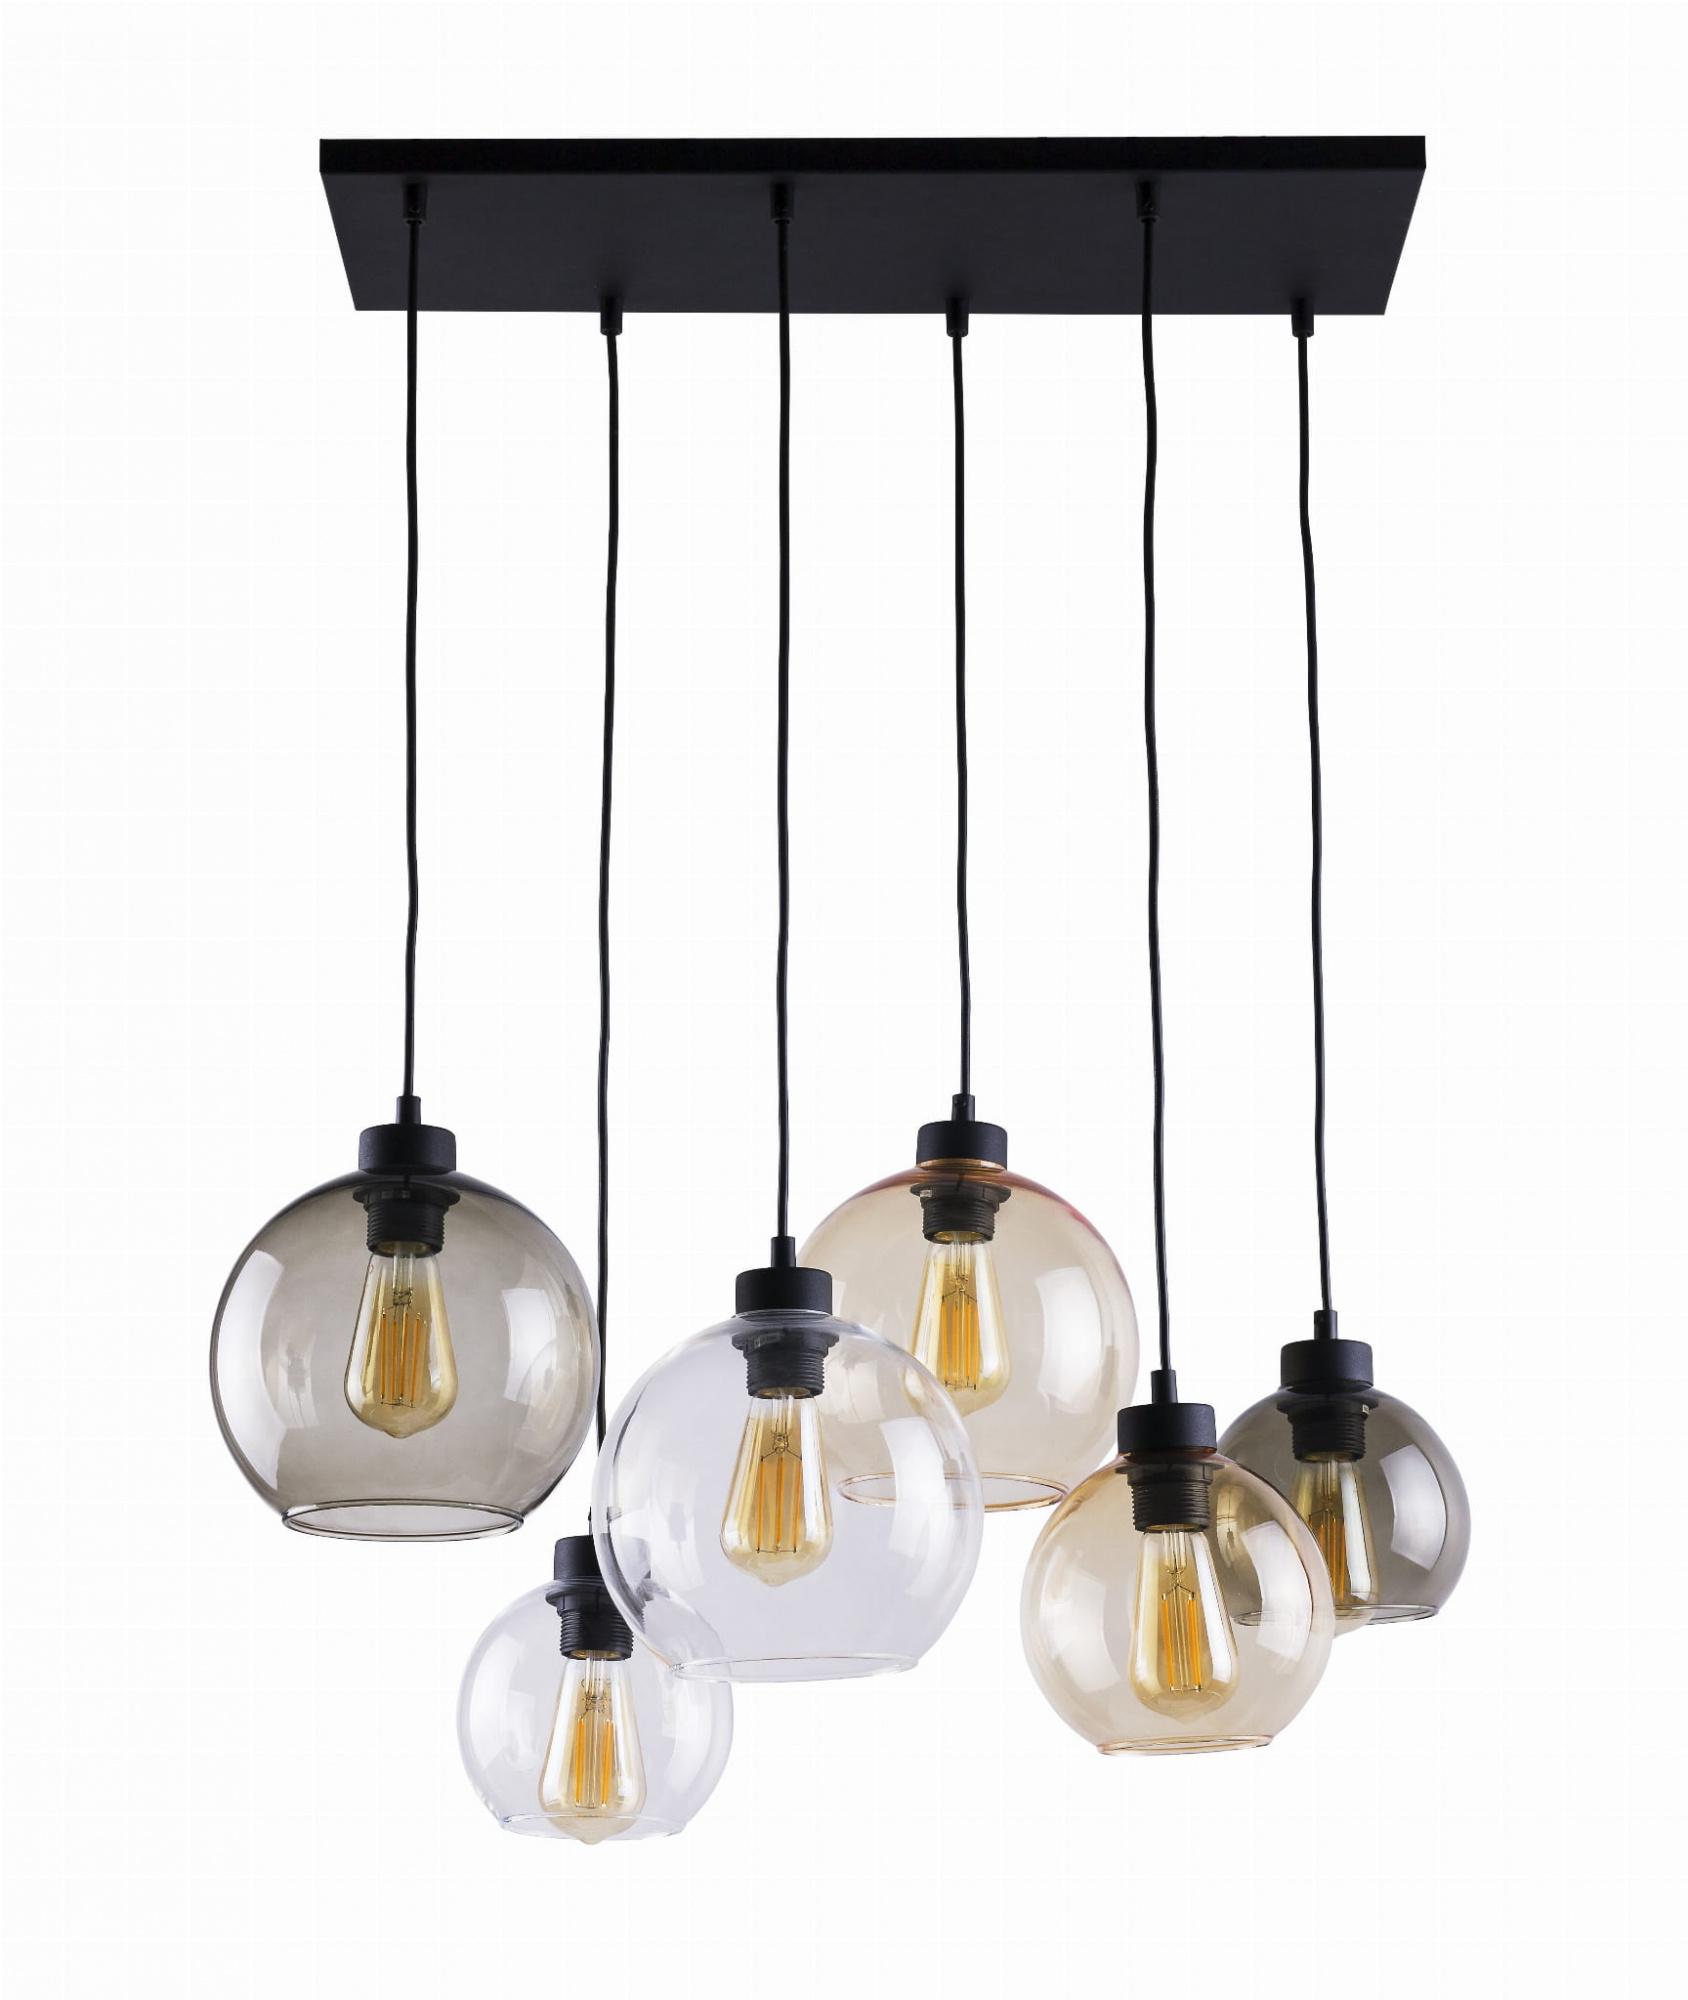 TK Lighting TK-2164 Cubus függeszték